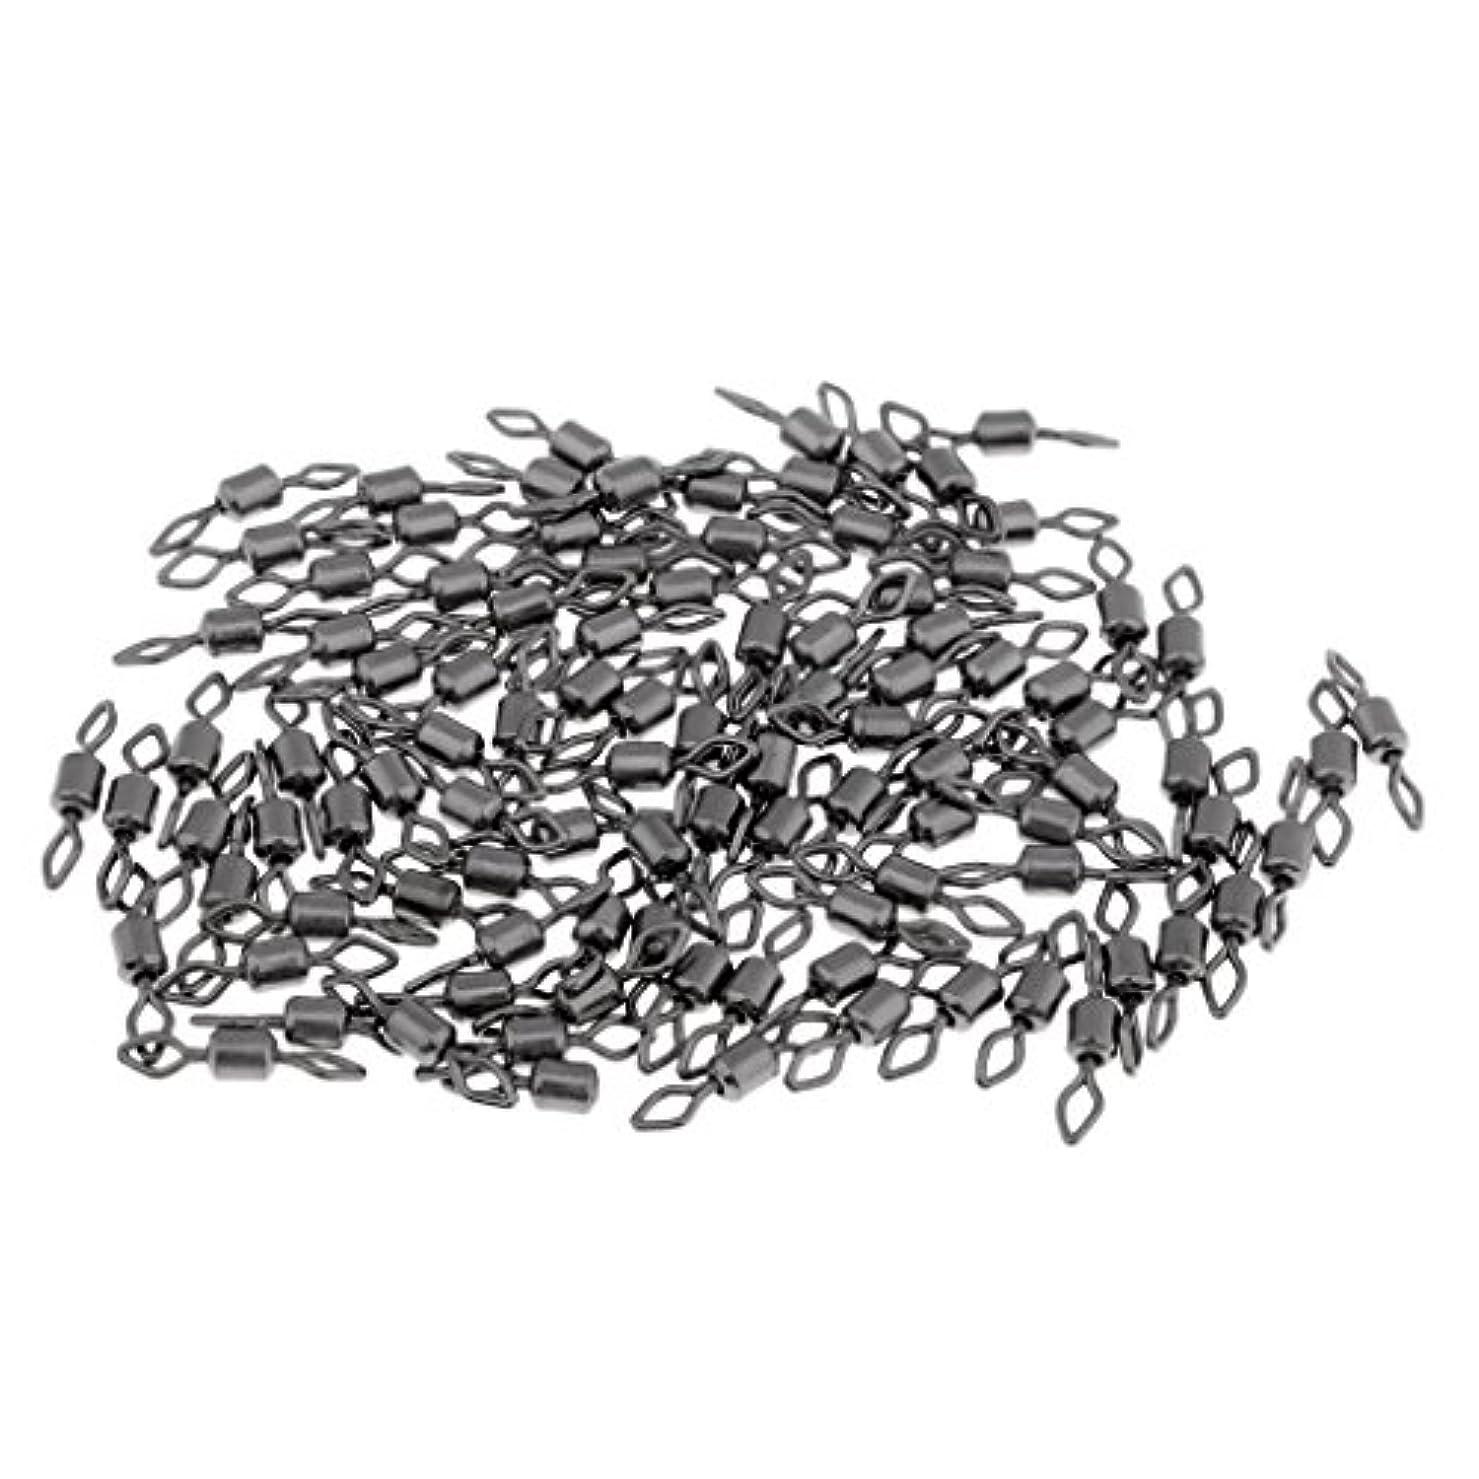 教育者虚偽接辞SM SunniMix 釣りスイベル ローリング フック 釣り糸 回転 クイックロック 耐食性 ブラック 100本 多サイズ